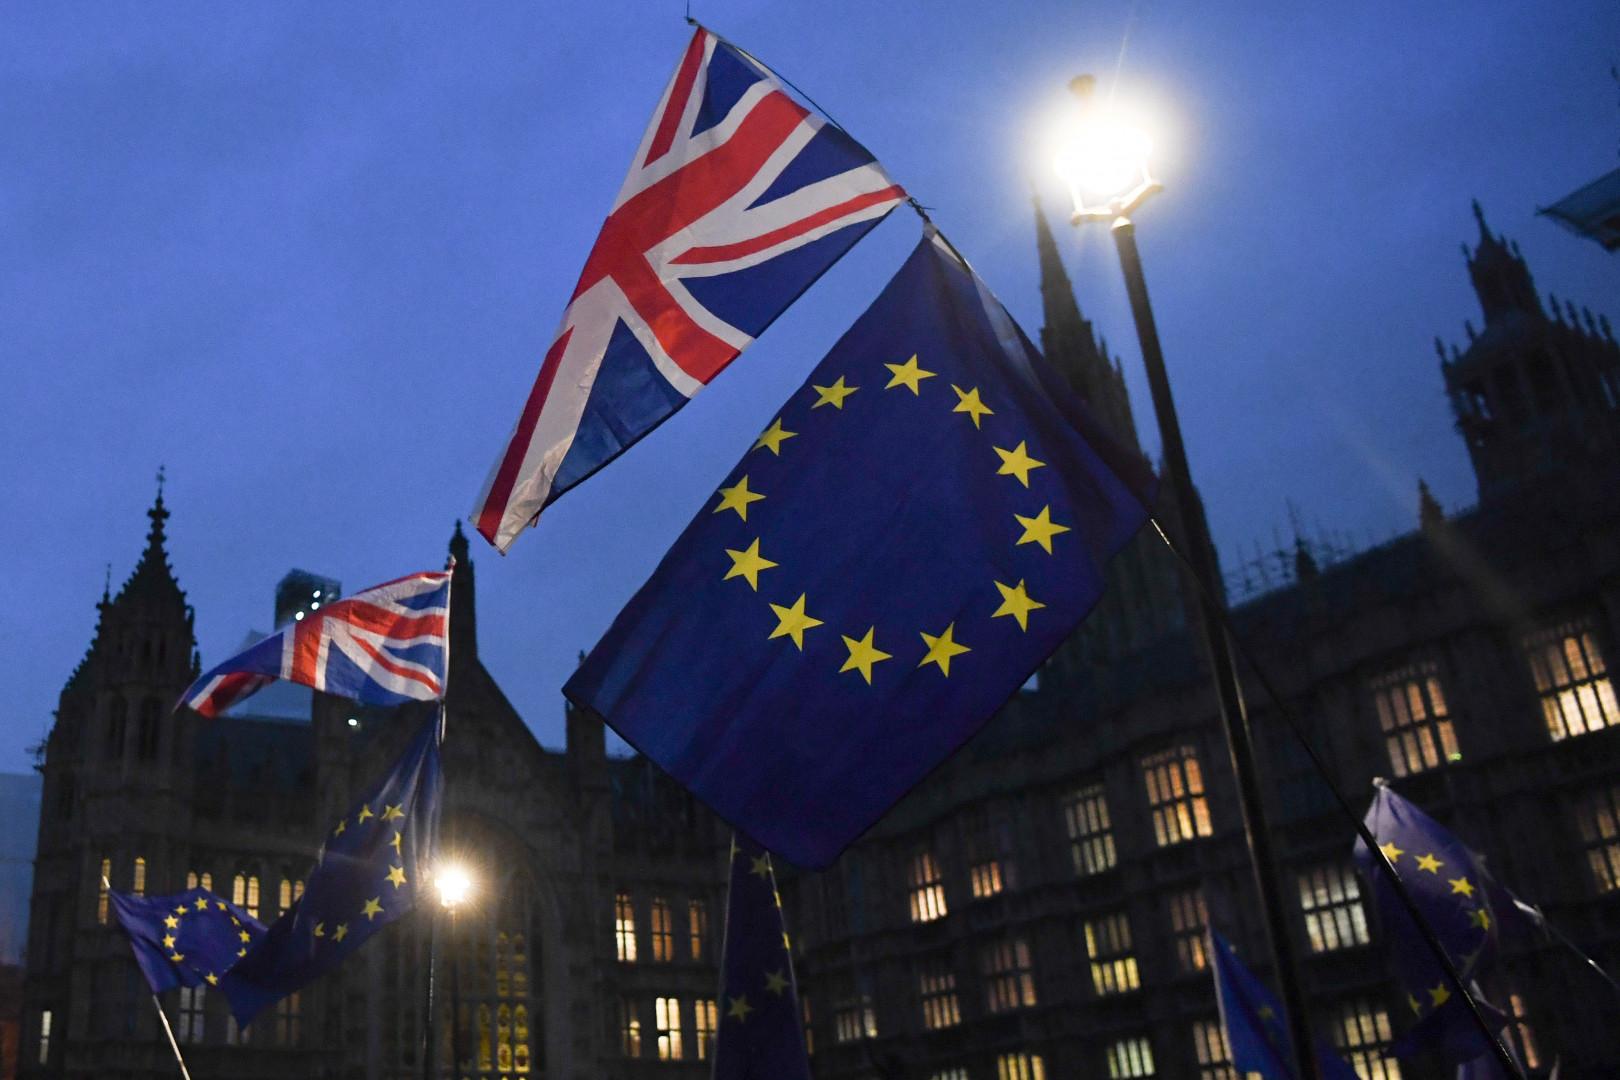 31 janvier 2020: le Brexit entre en vigueur à minuit. Une période de transition est prévue jusqu'au 31 décembre 2020.